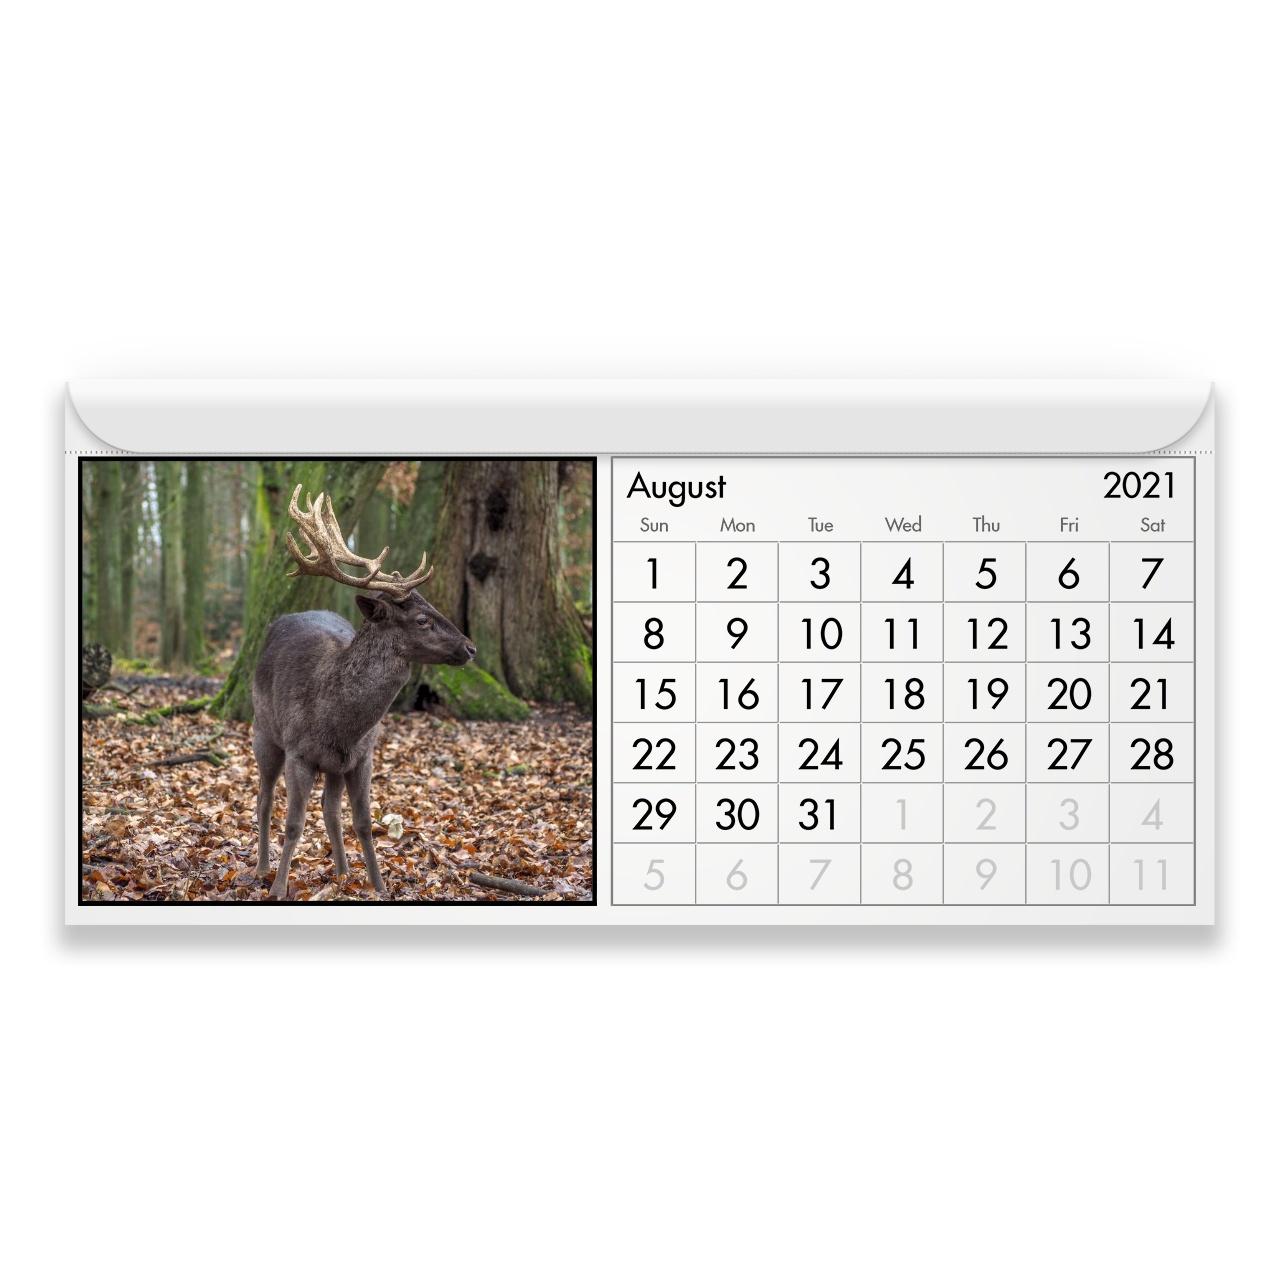 2021 Deer And Deer Hunting Rut Calendar | Calendar